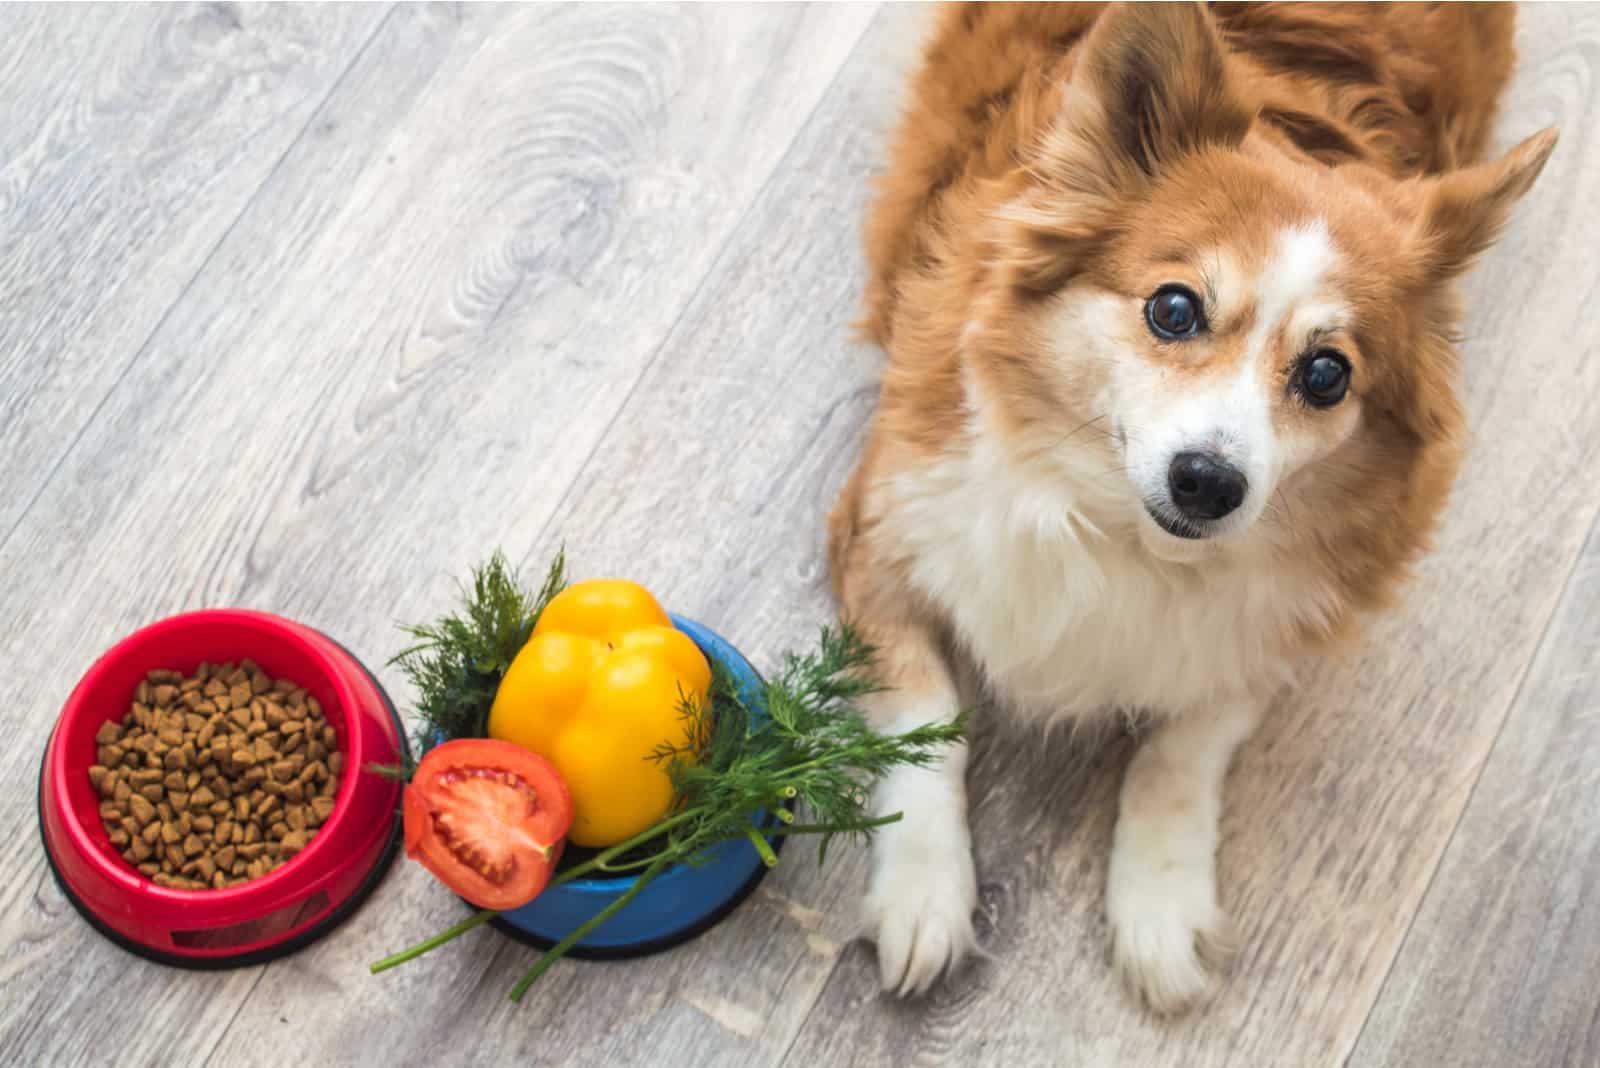 Hund neben Trockenfutter und frischem Gemüse